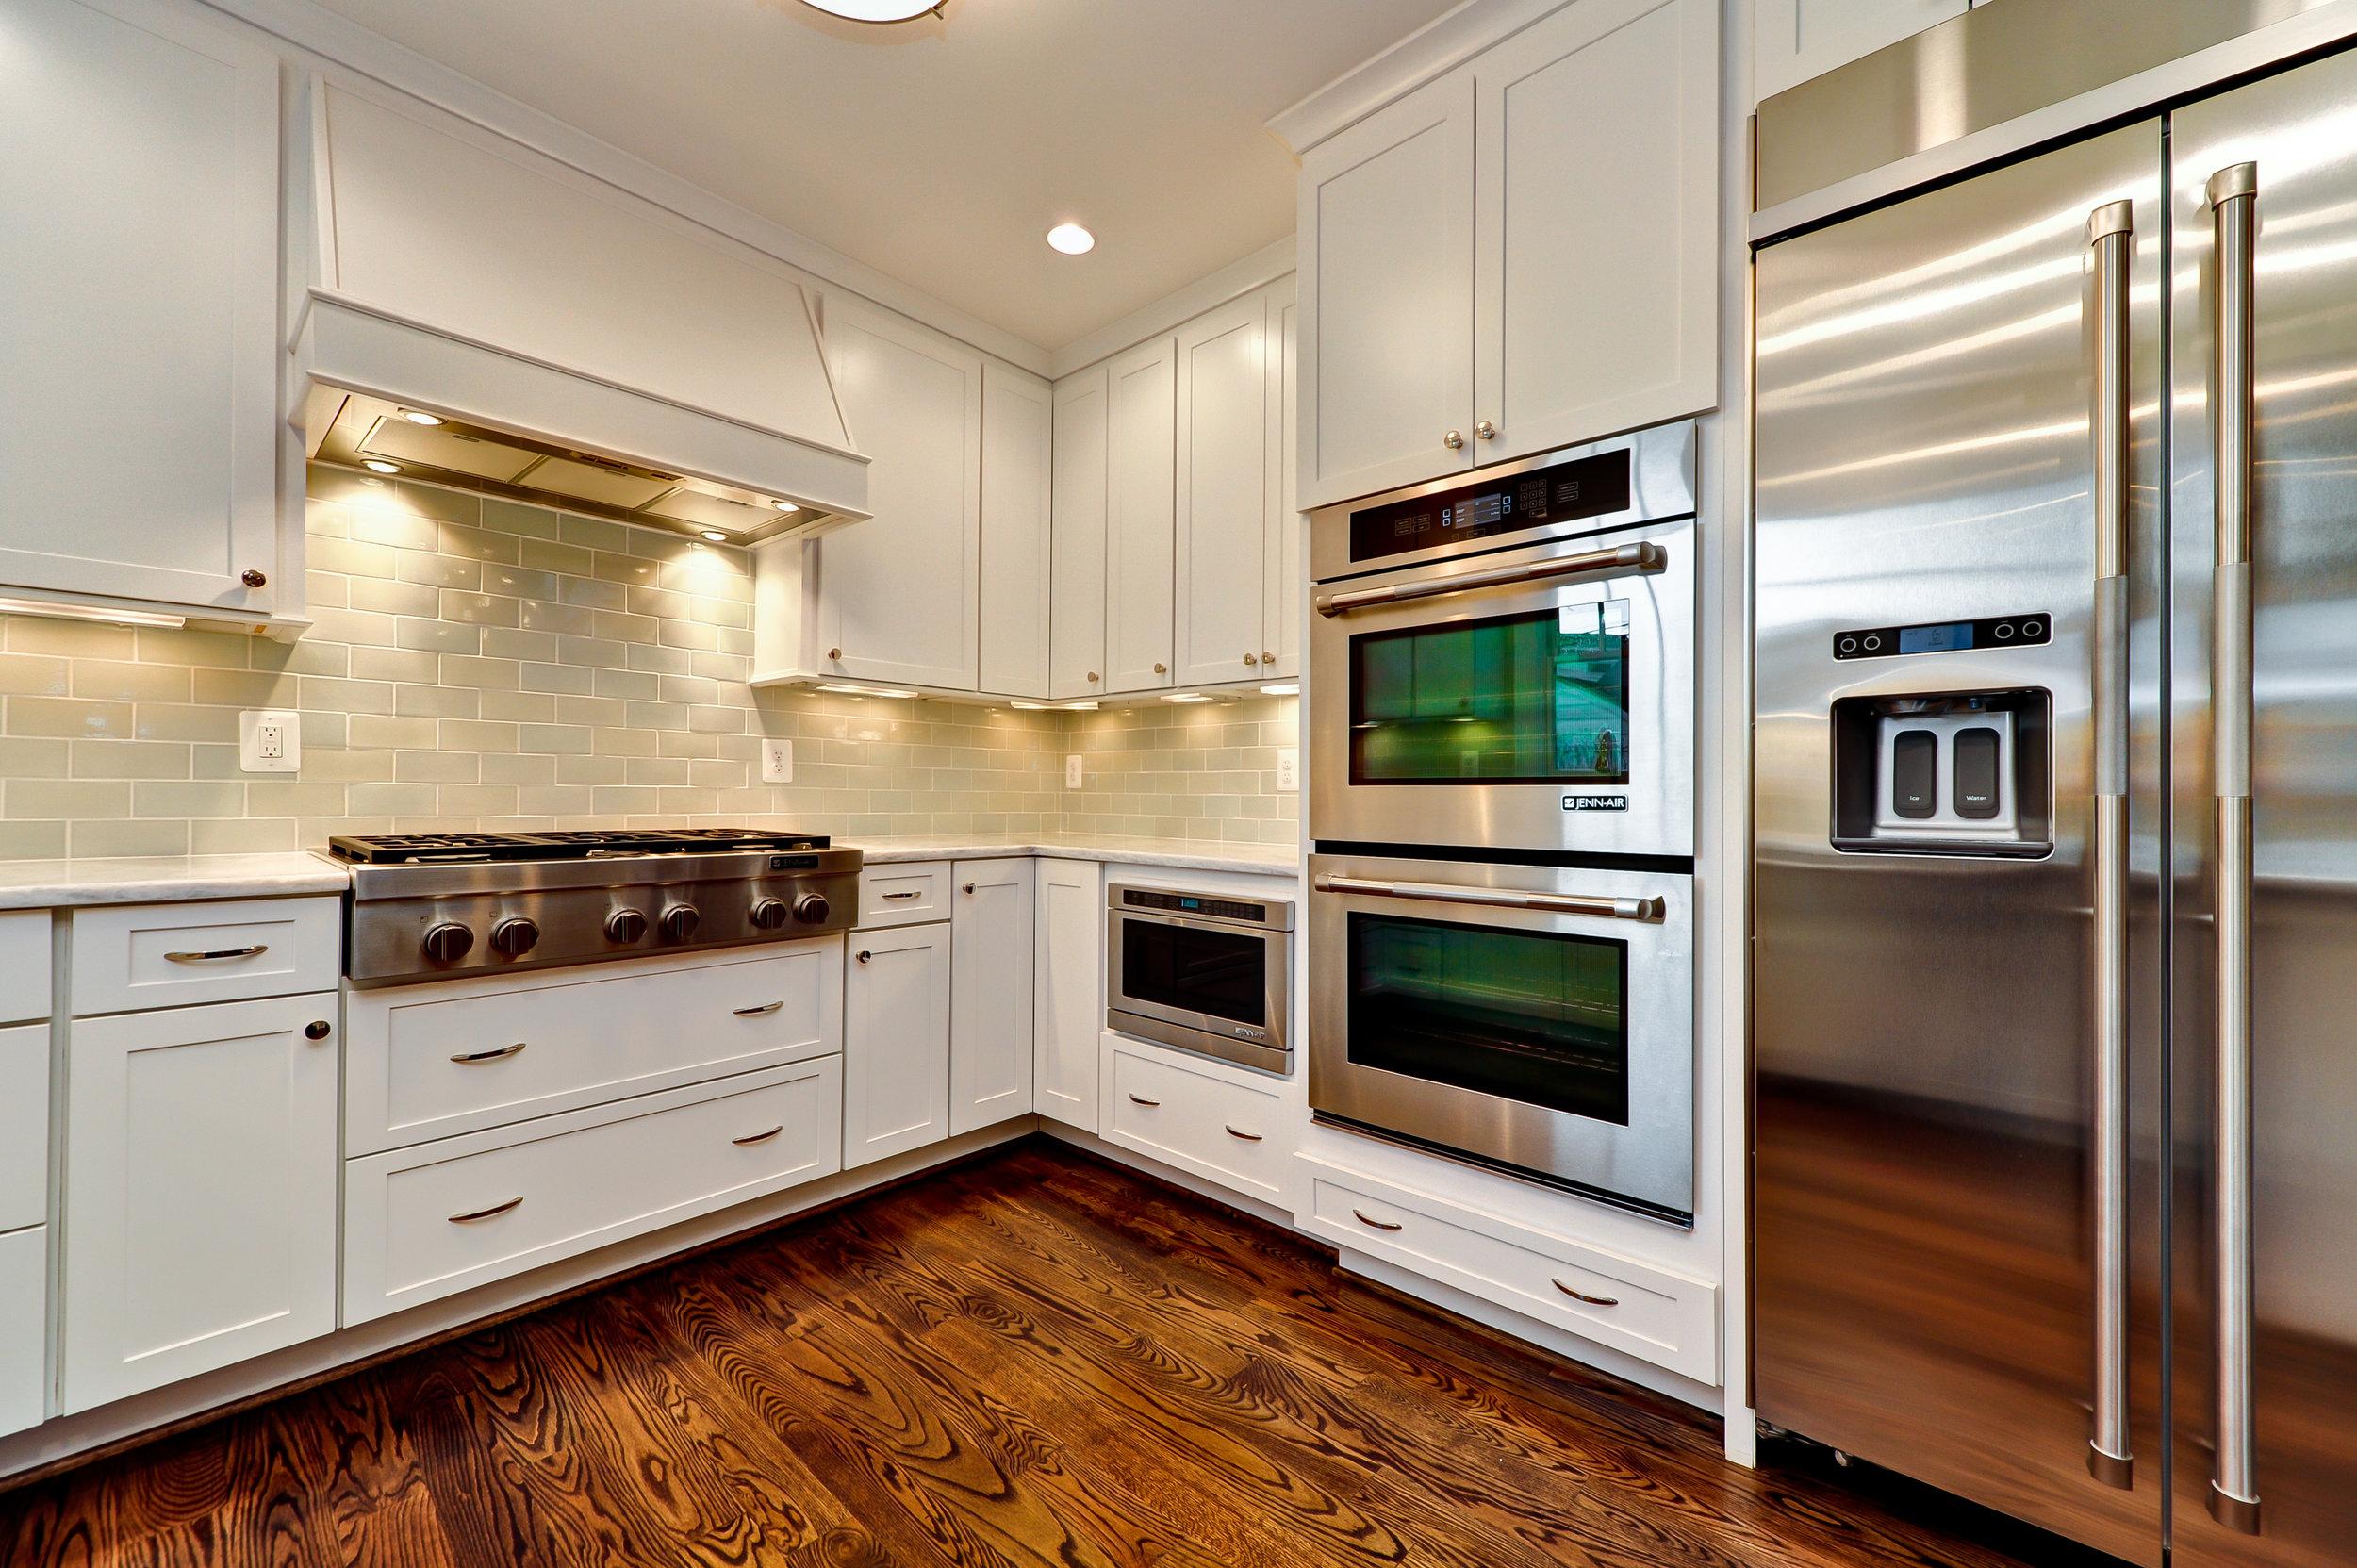 1560 N. Bryan St. - Kitchen 2.jpg